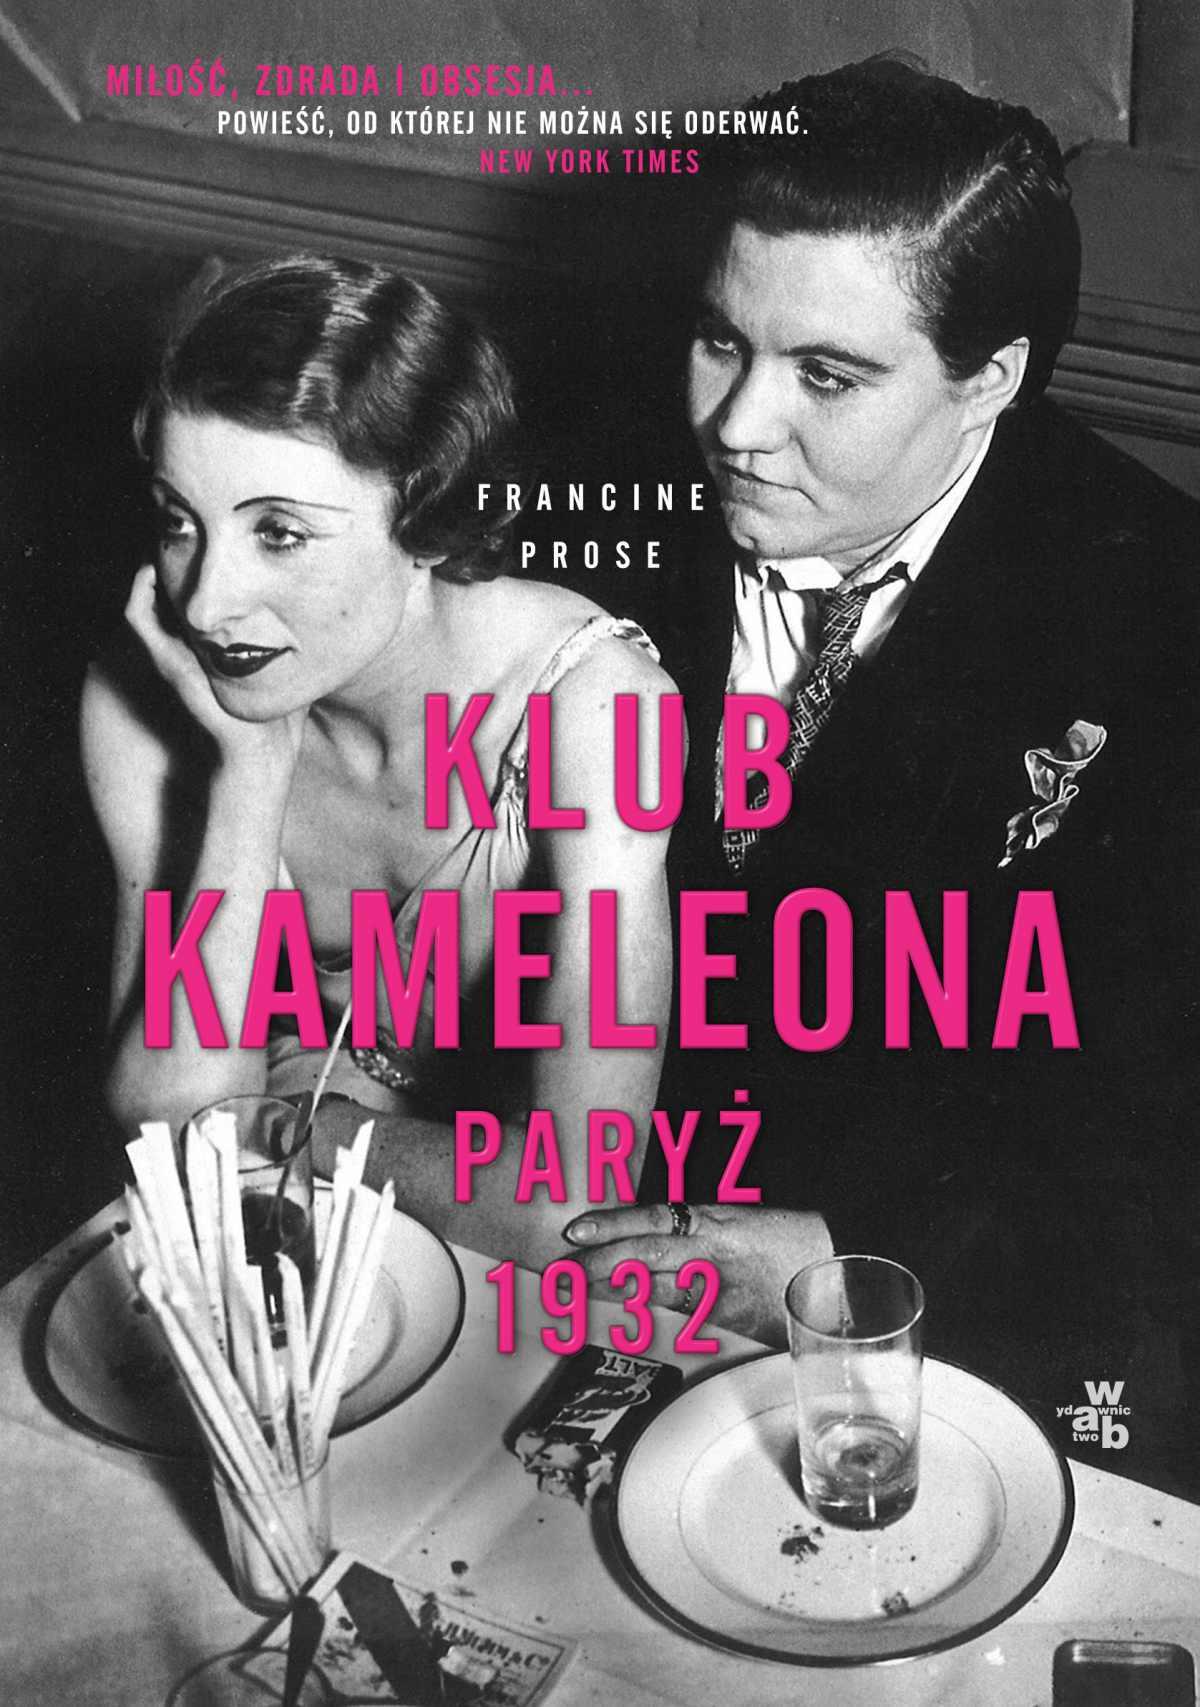 Klub Kameleona, Paryż 1932 - Ebook (Książka na Kindle) do pobrania w formacie MOBI